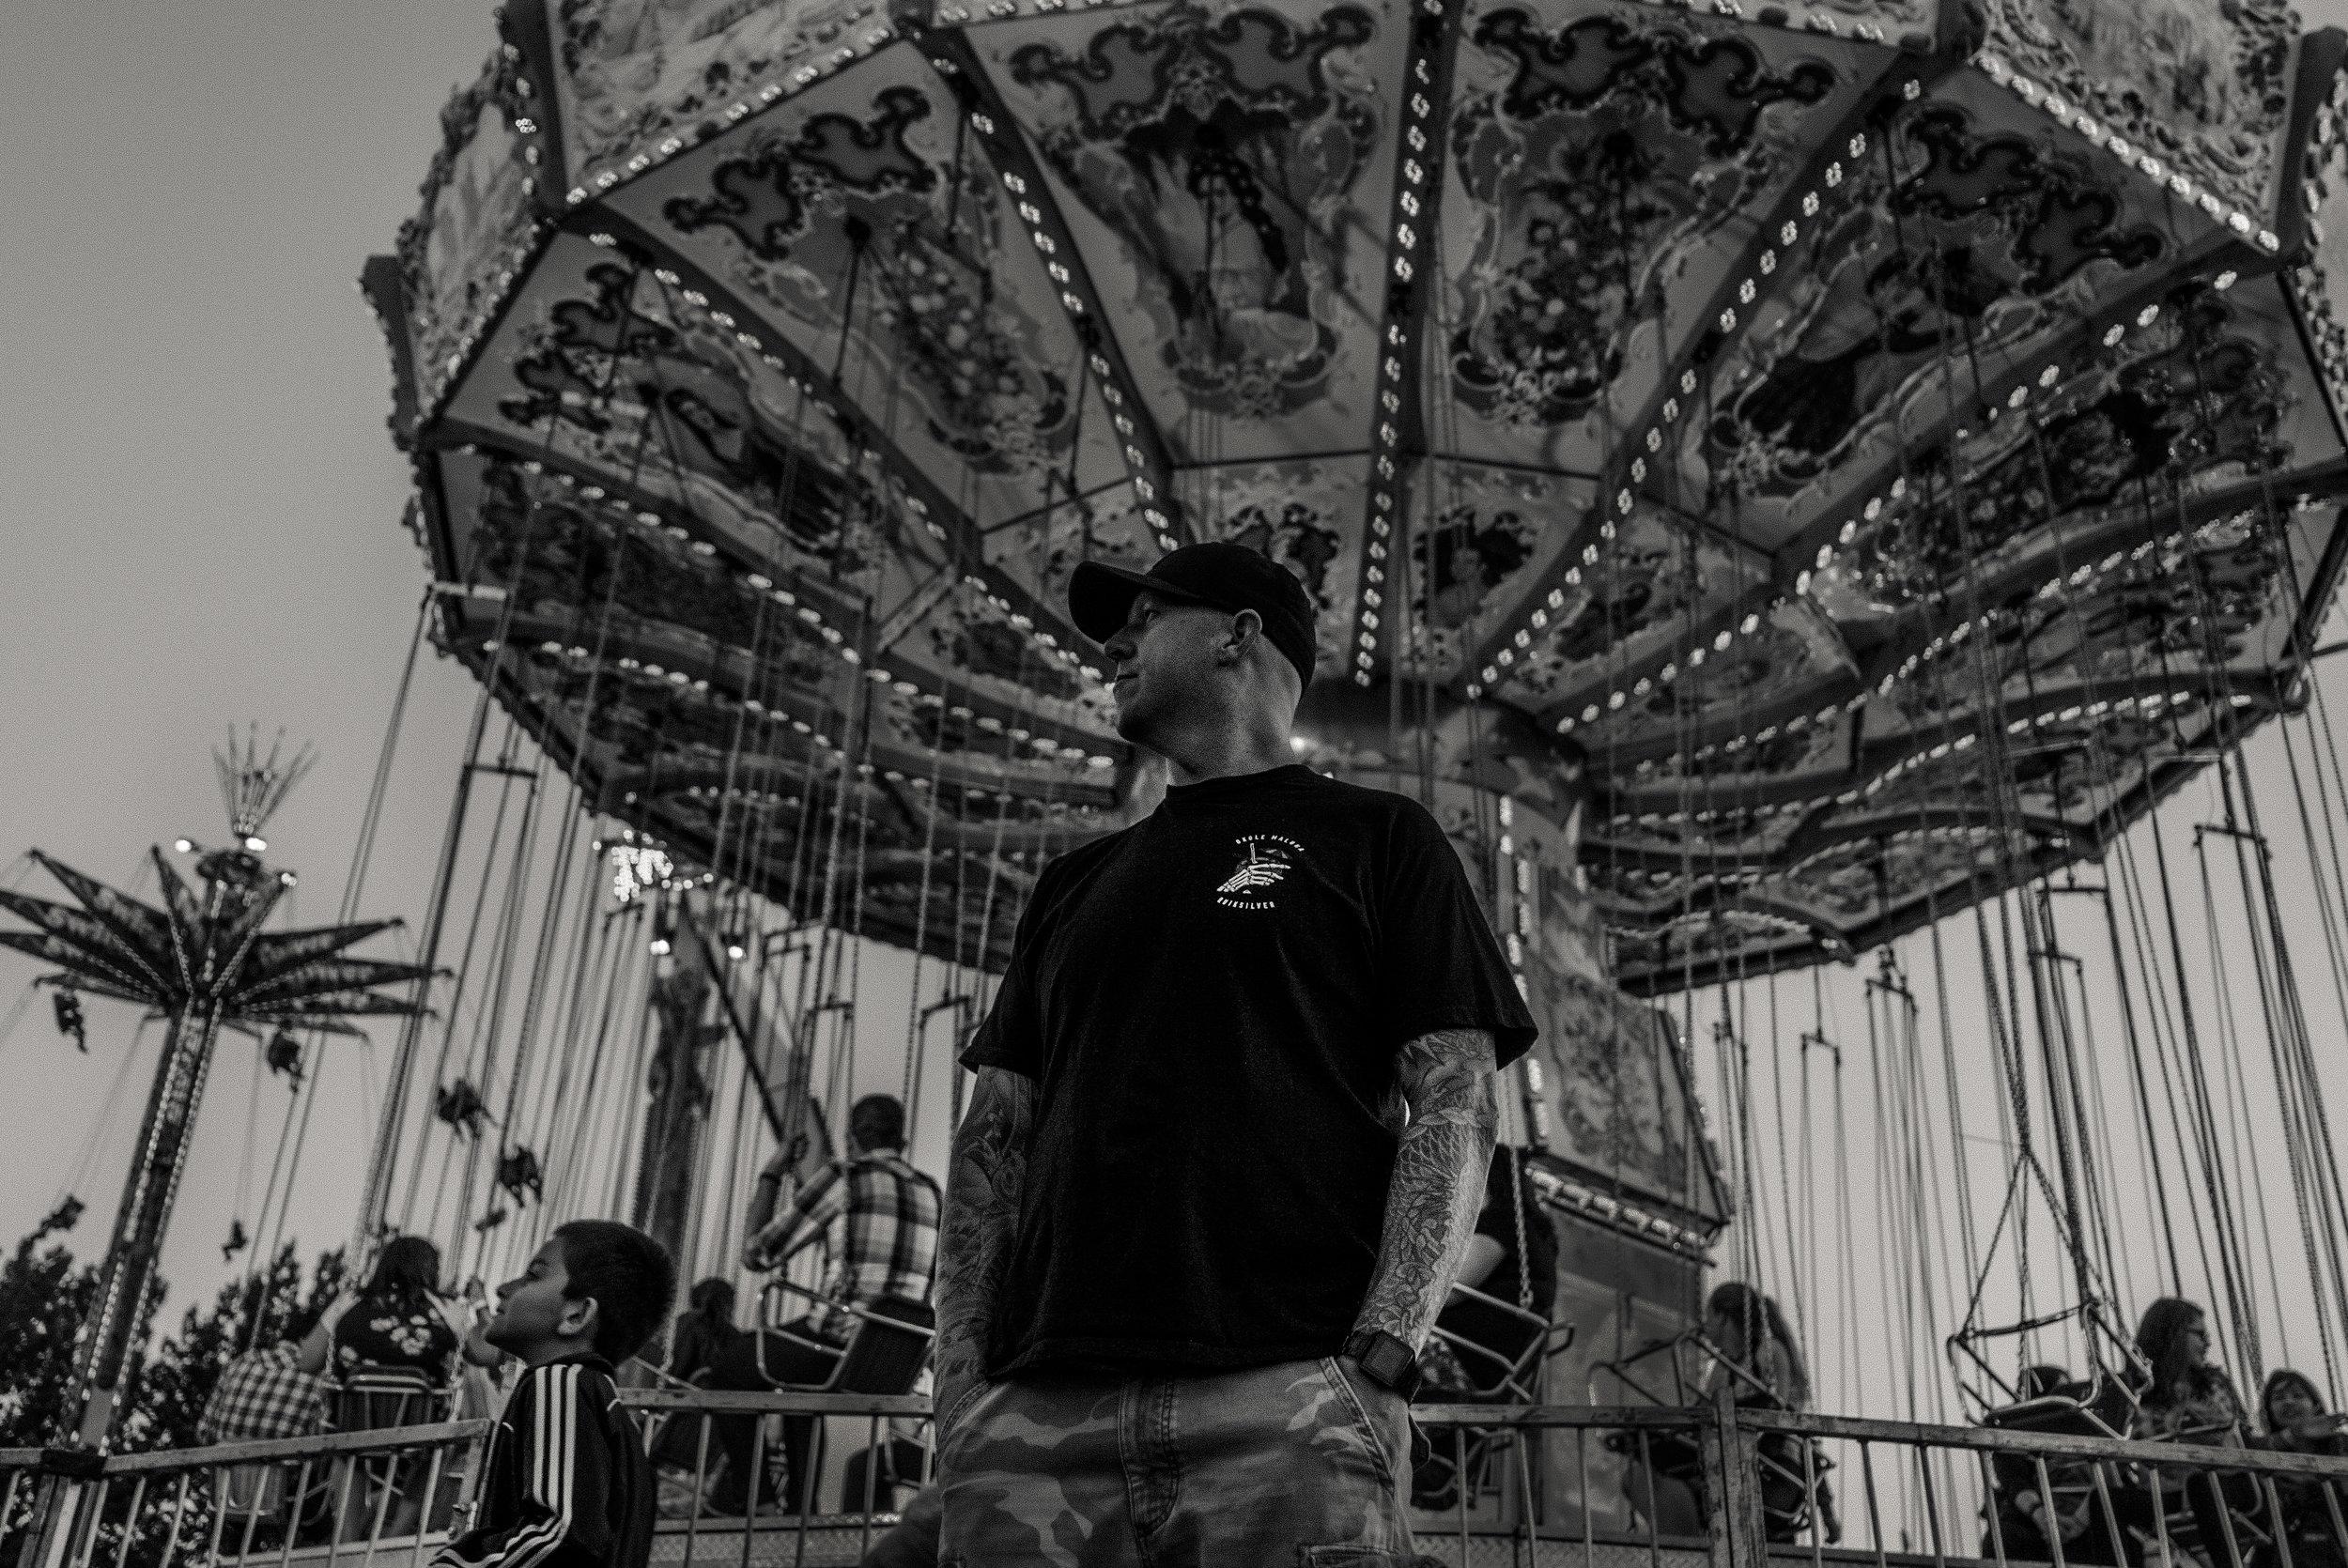 Jarratt Swing Carousel